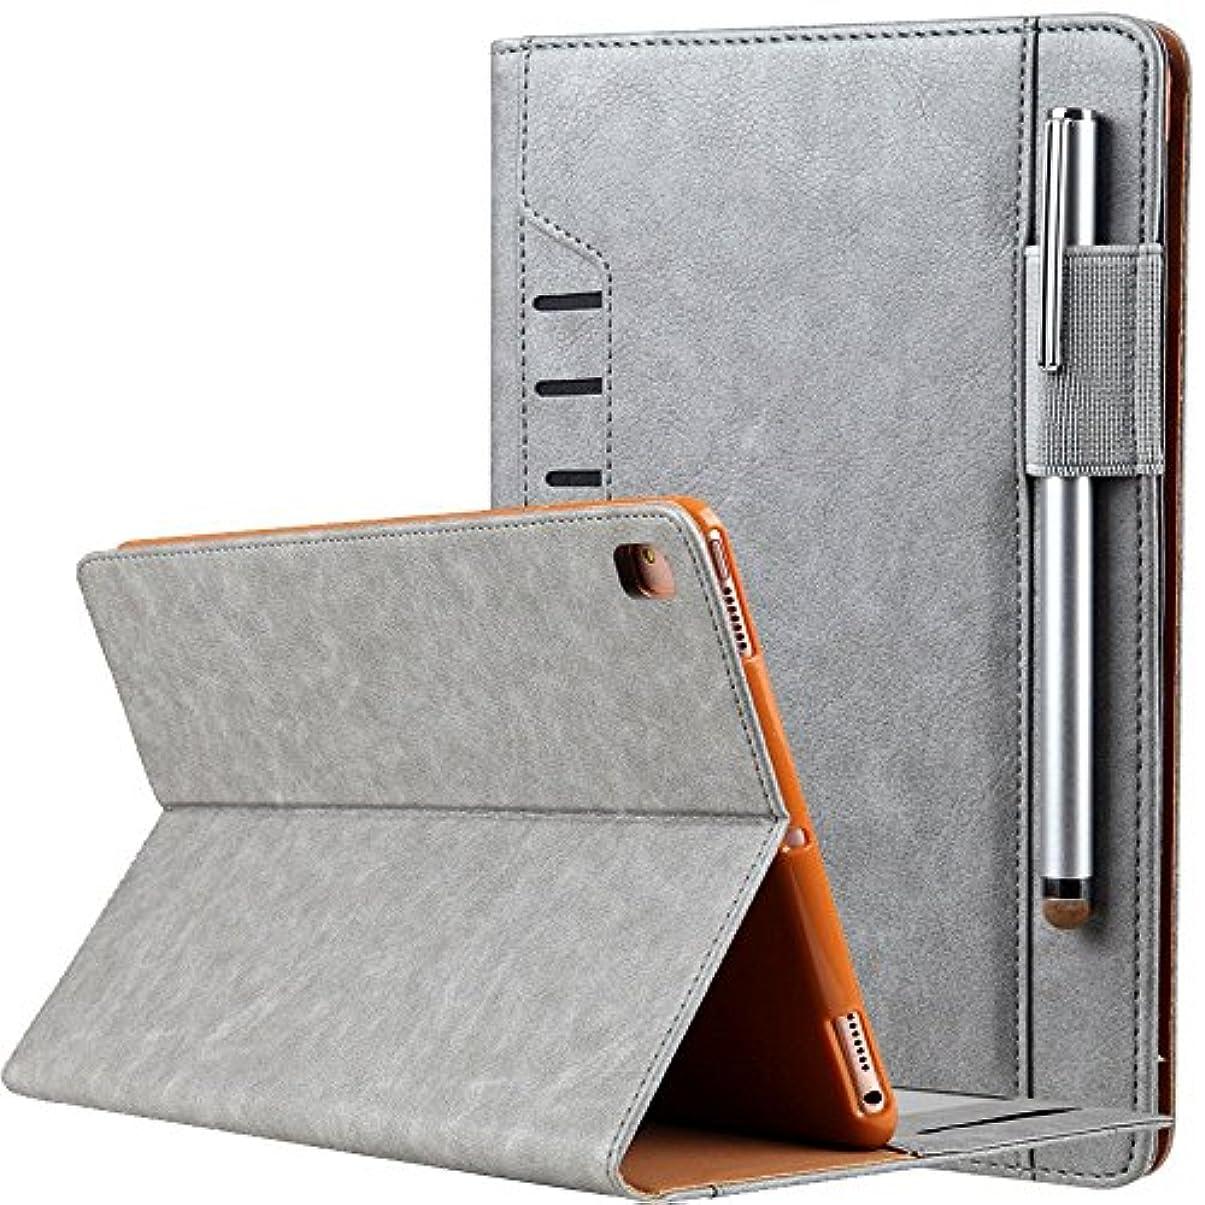 ジュラシックパーク熟練した安息businda iPadケース – プレミアムPUレザーケーススマート自動ウェイク/スリープカバーwith Hand Strap ,カードスロットfor Ipad Mini 1234 グレー